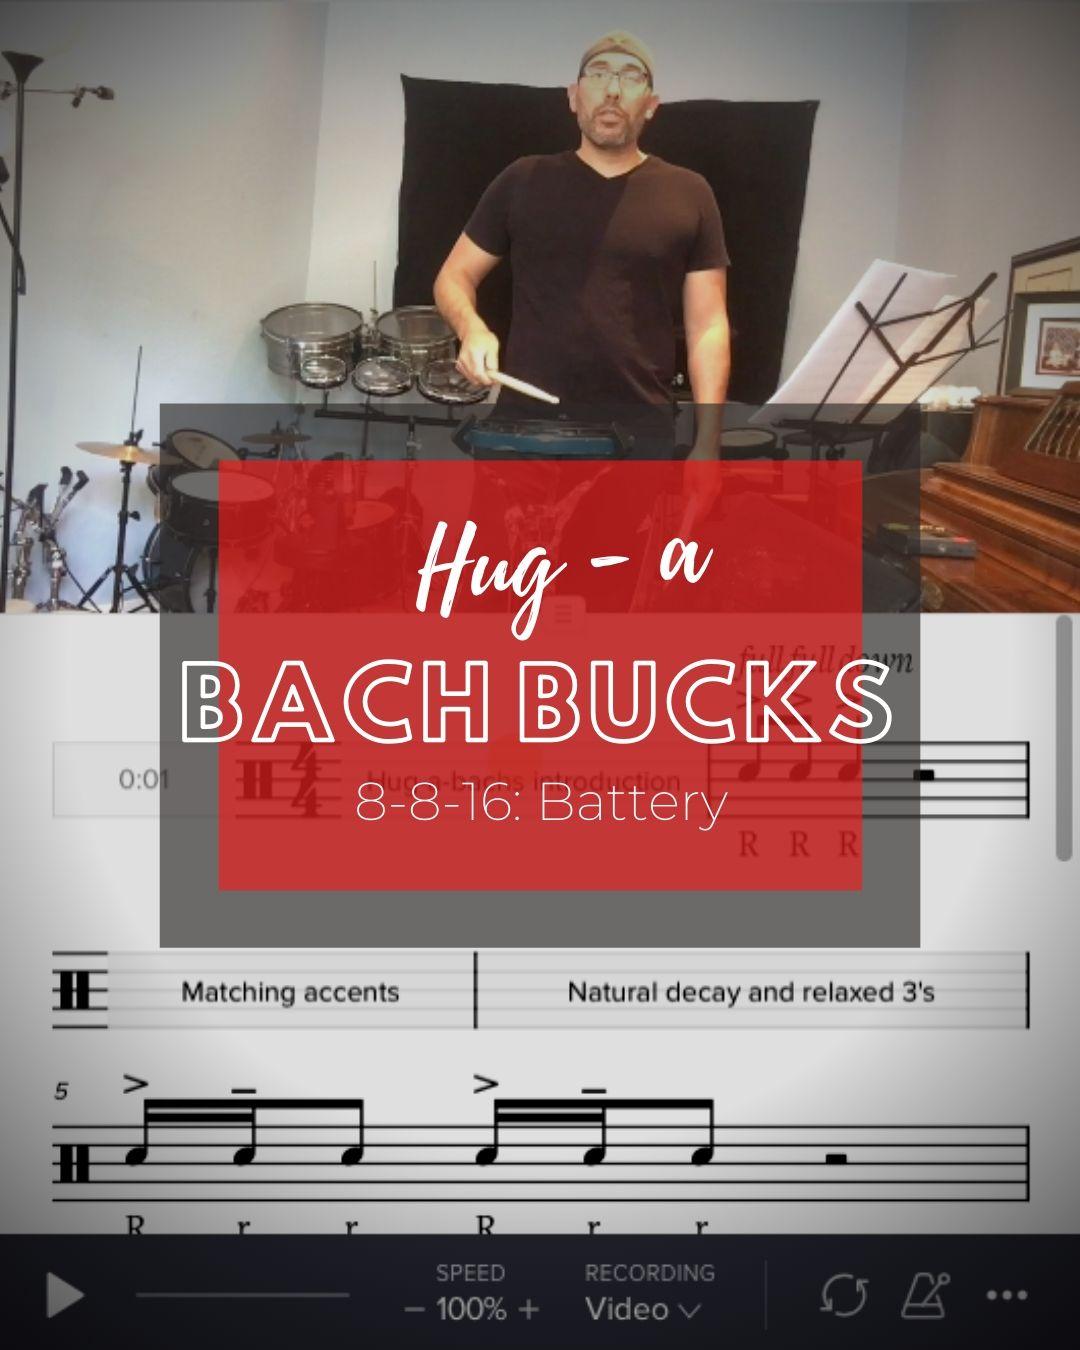 Hug-a-bachs & Bach-bucks